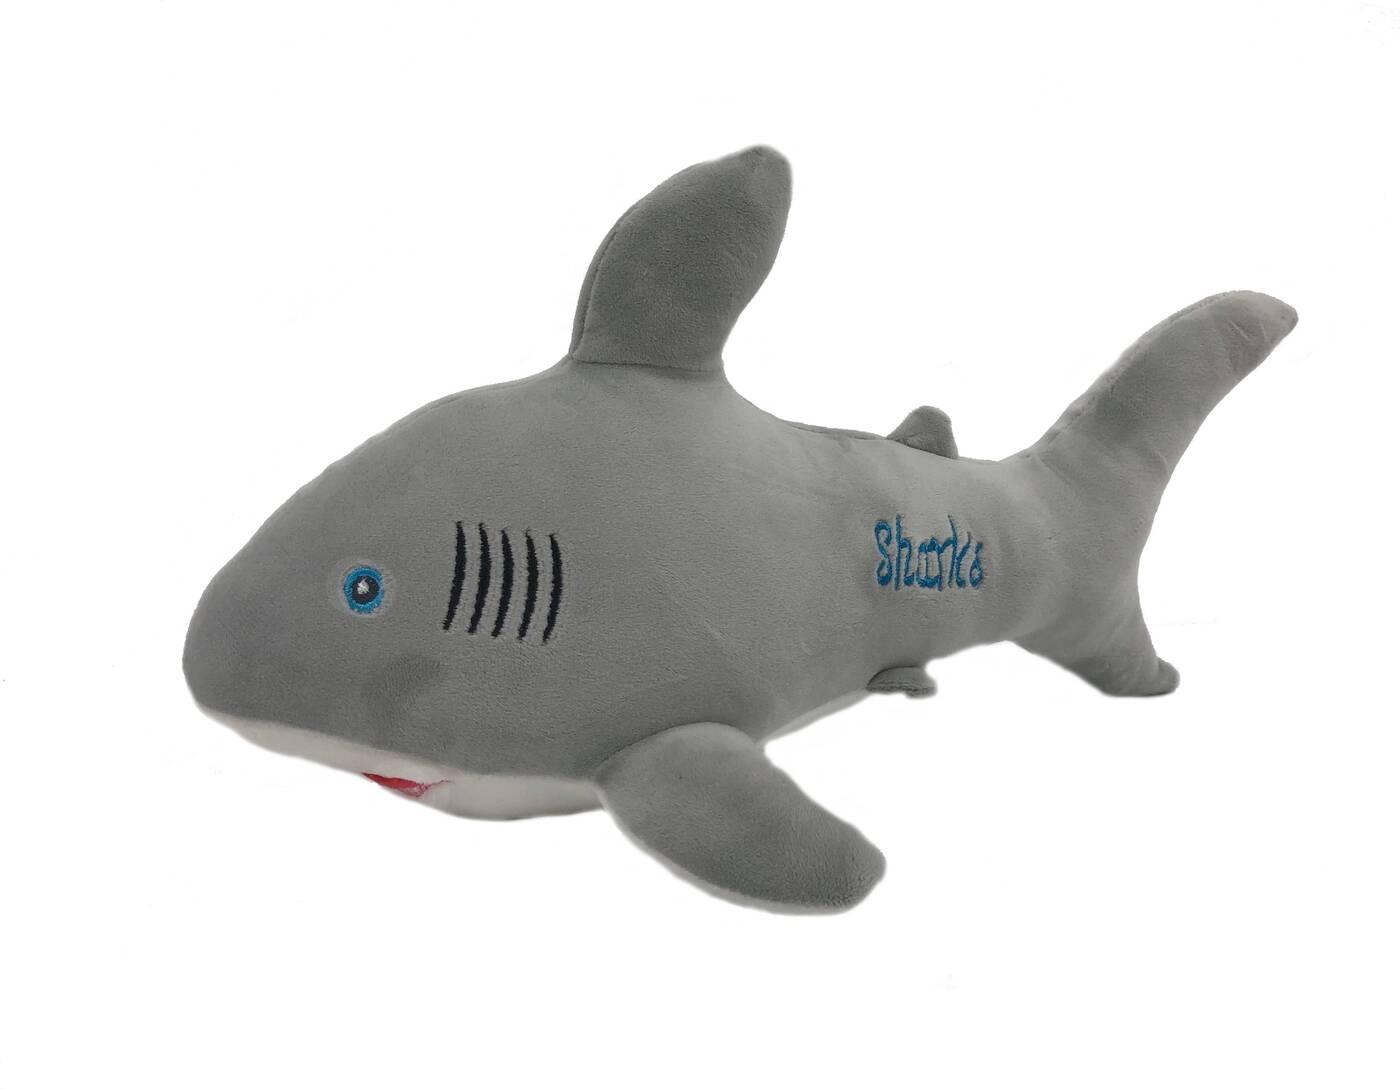 АБВГДЕЙКА Мягкая игрушка Акула Шарка, 38 см, серая